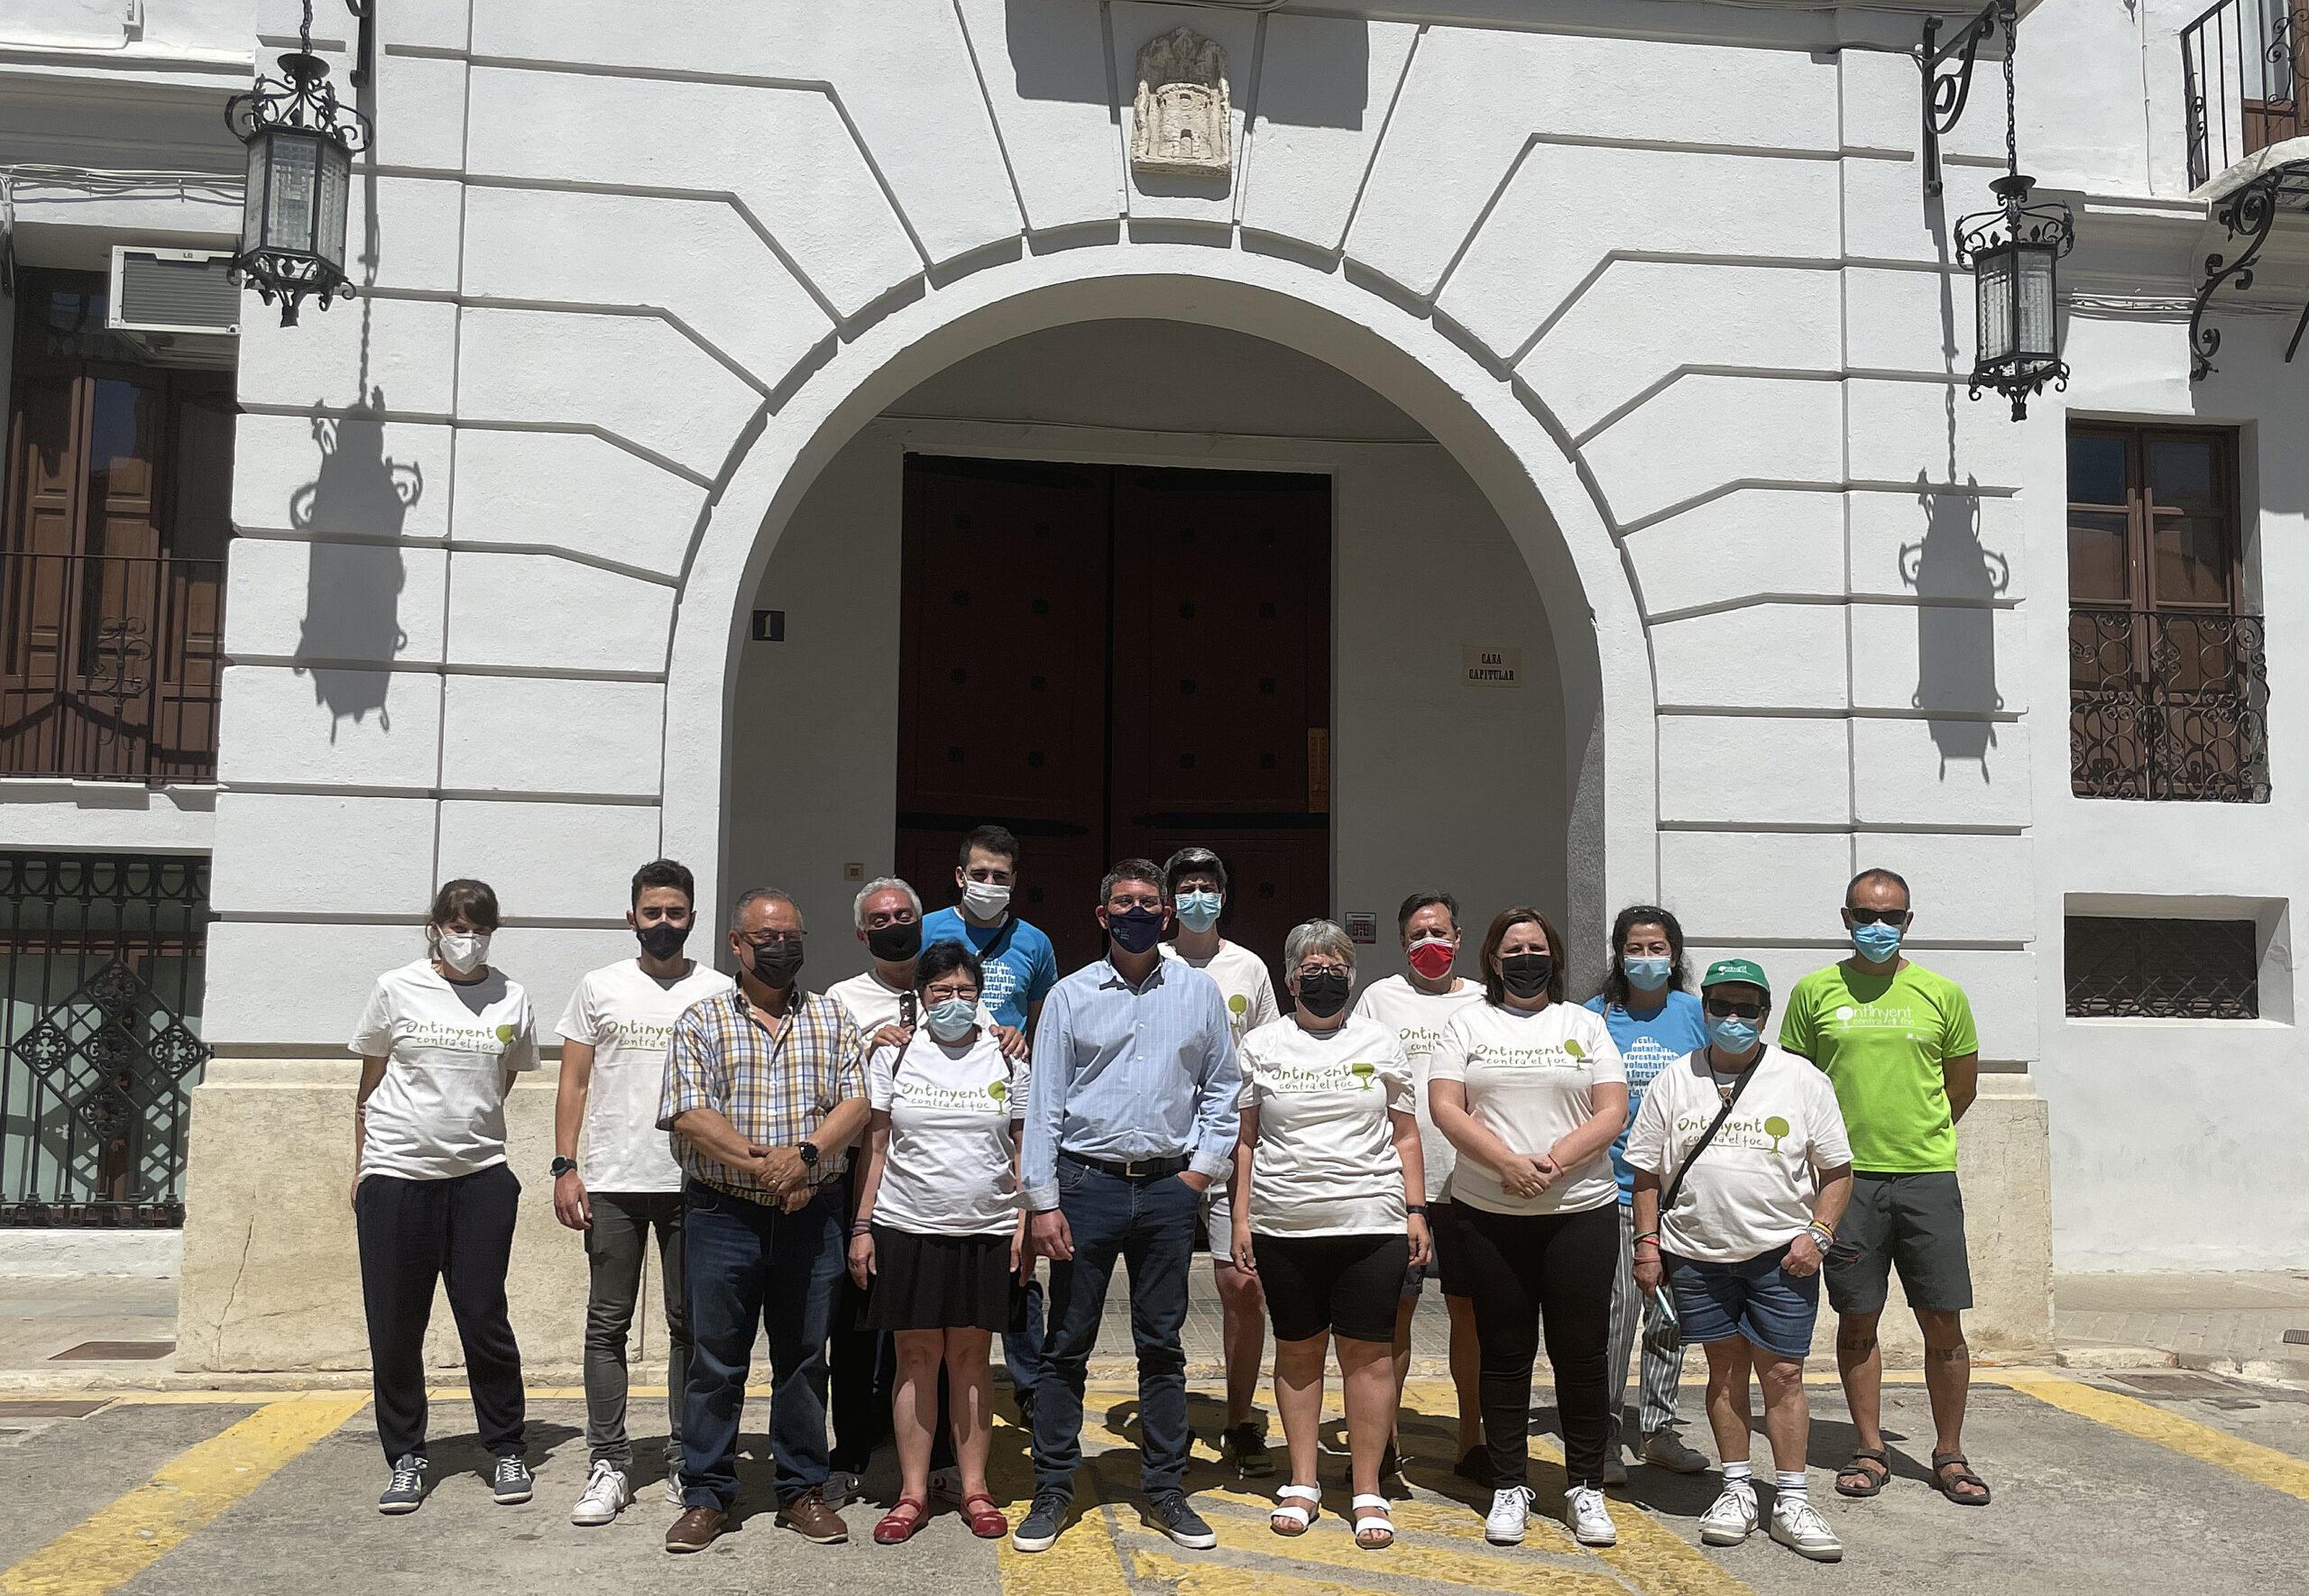 Dos voluntàries d'Ontinyent contra el foc salven la vida d'un jove a la zona de Gamellons El Periòdic d'Ontinyent - Noticies a Ontinyent